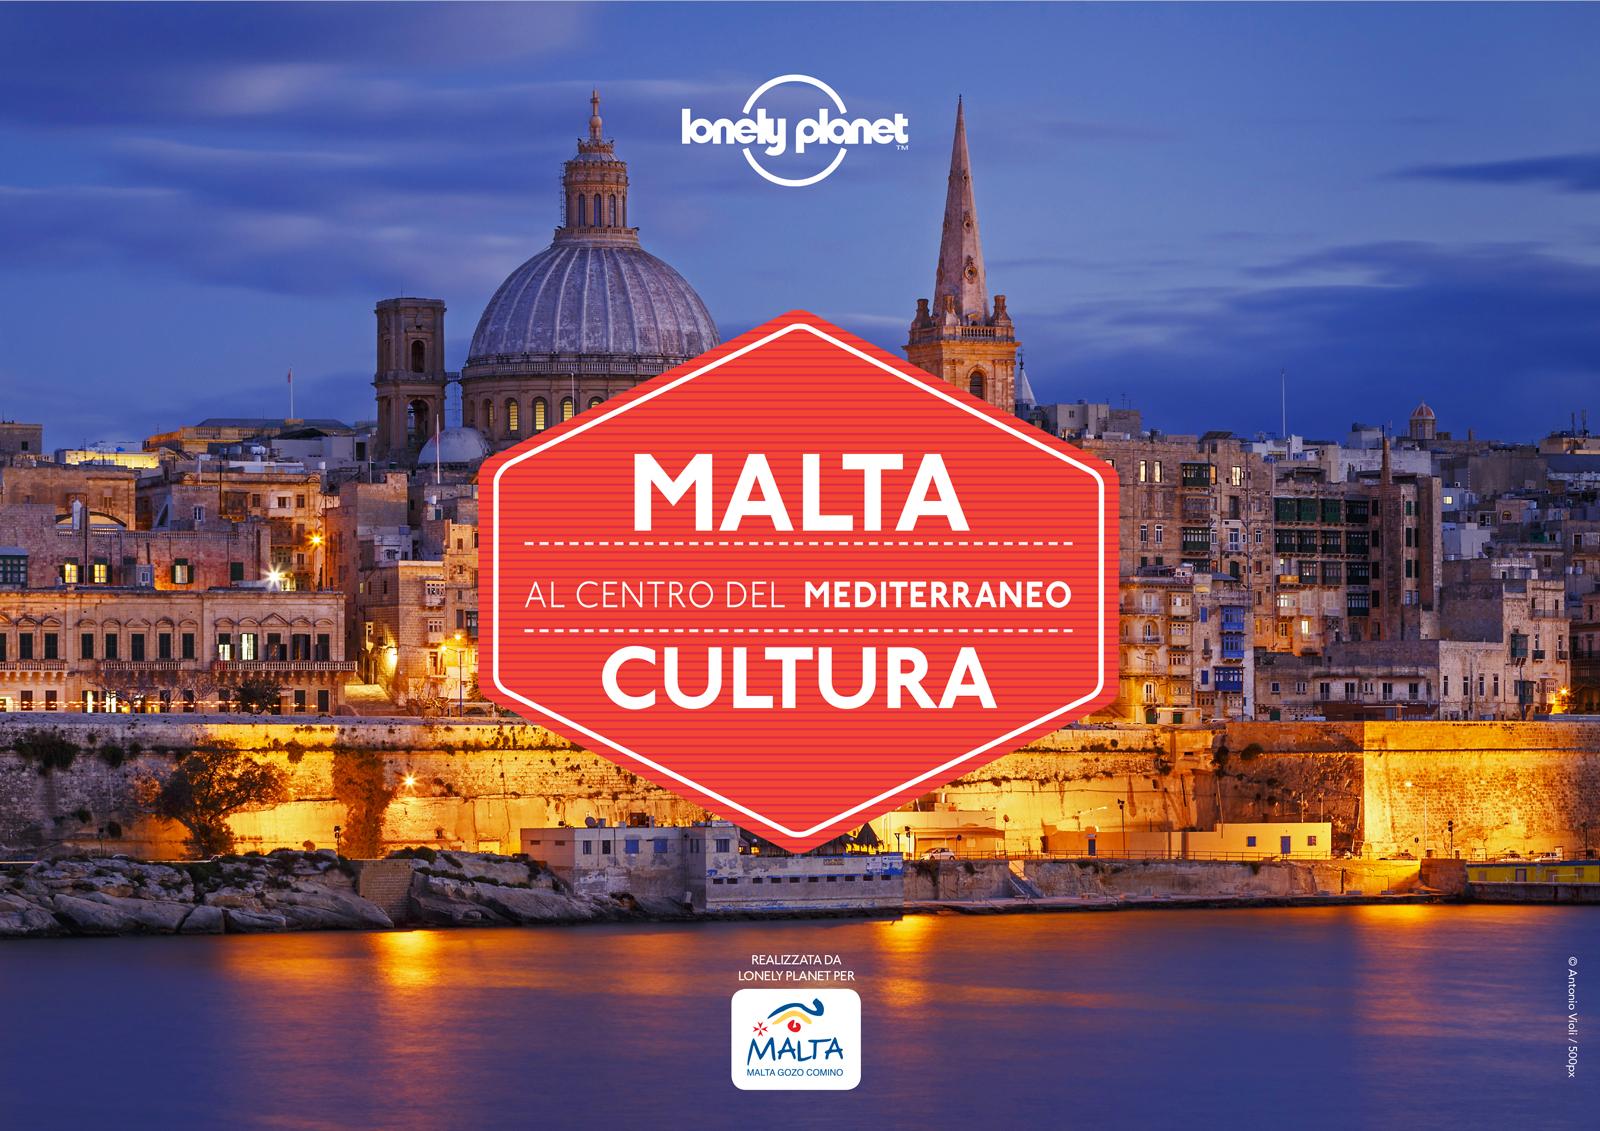 guida-lonely-planet-Malta-cultura